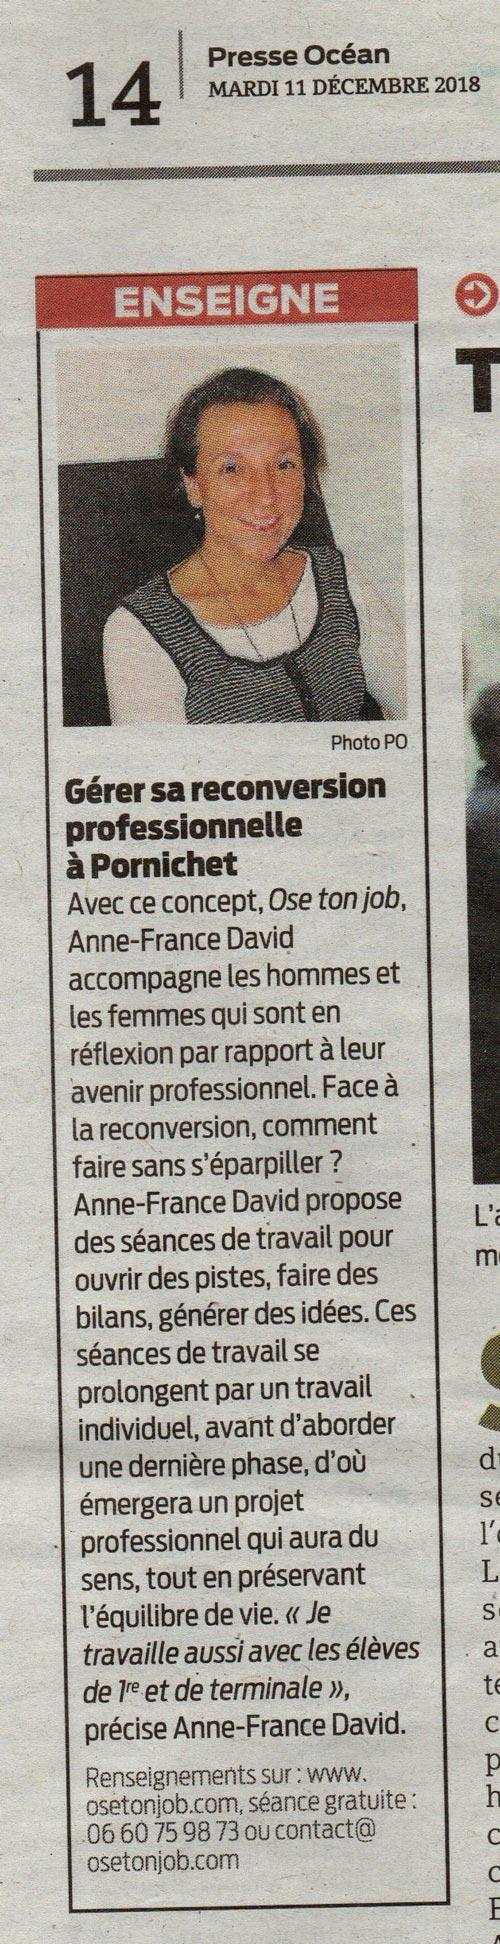 Article-Presse-Ocean-Ose-ton-job